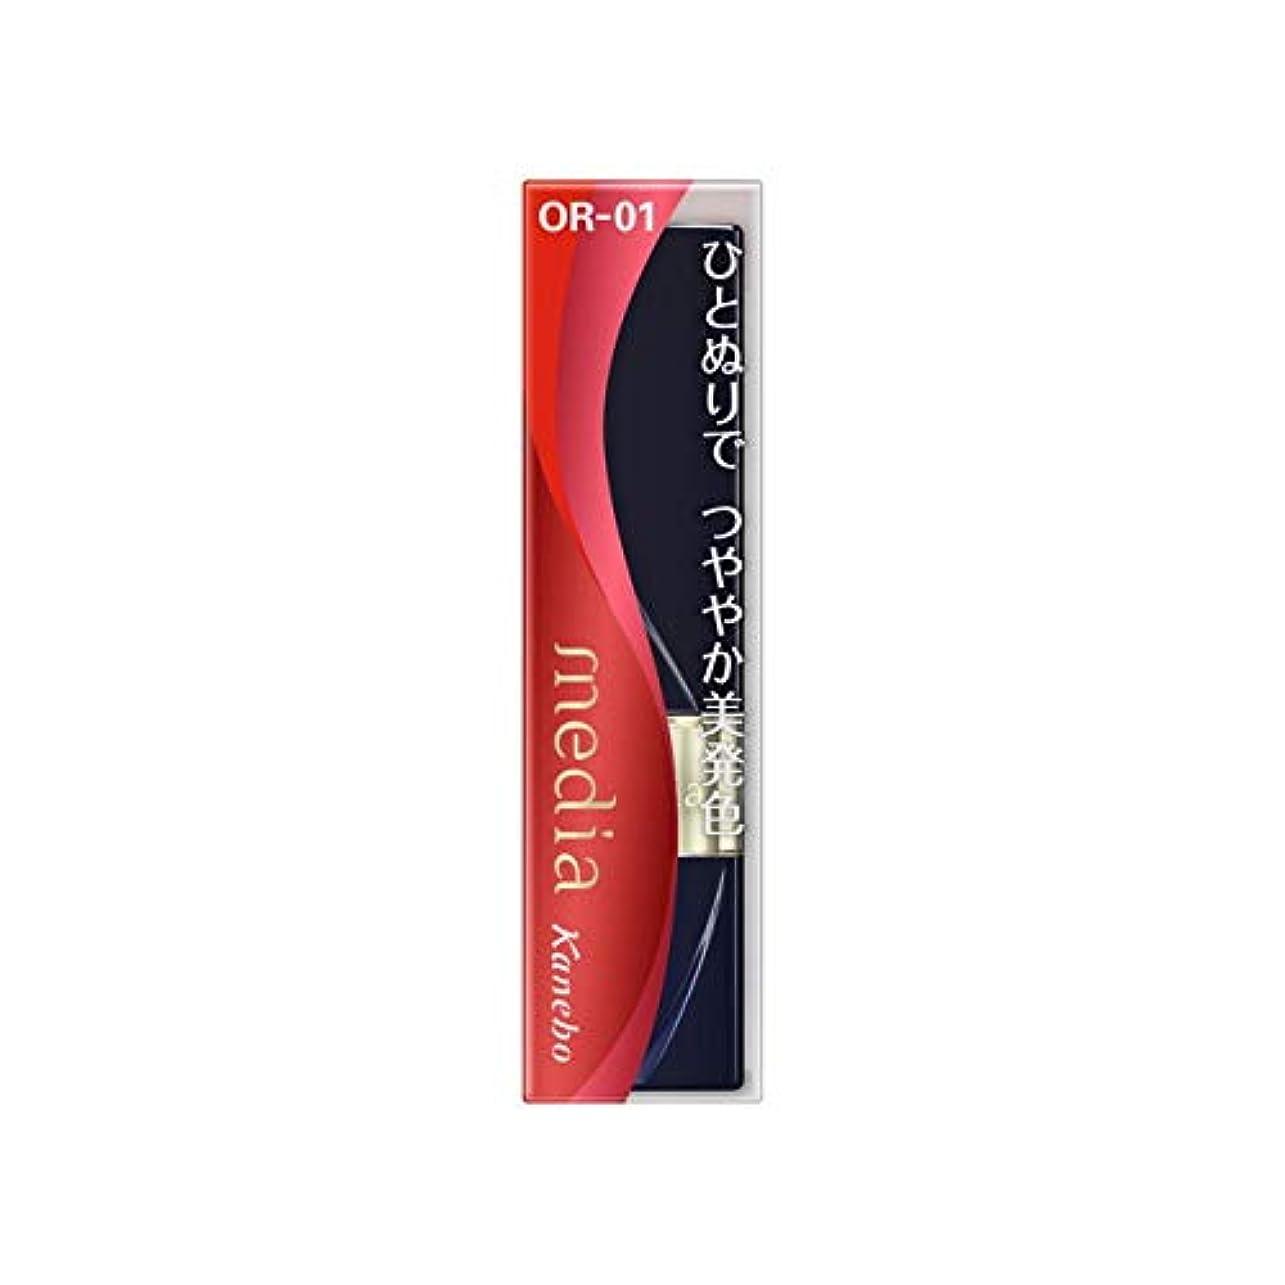 不器用ピッチャーコーヒーカネボウ メディア ブライトアップルージュ OR-01(3.1g)